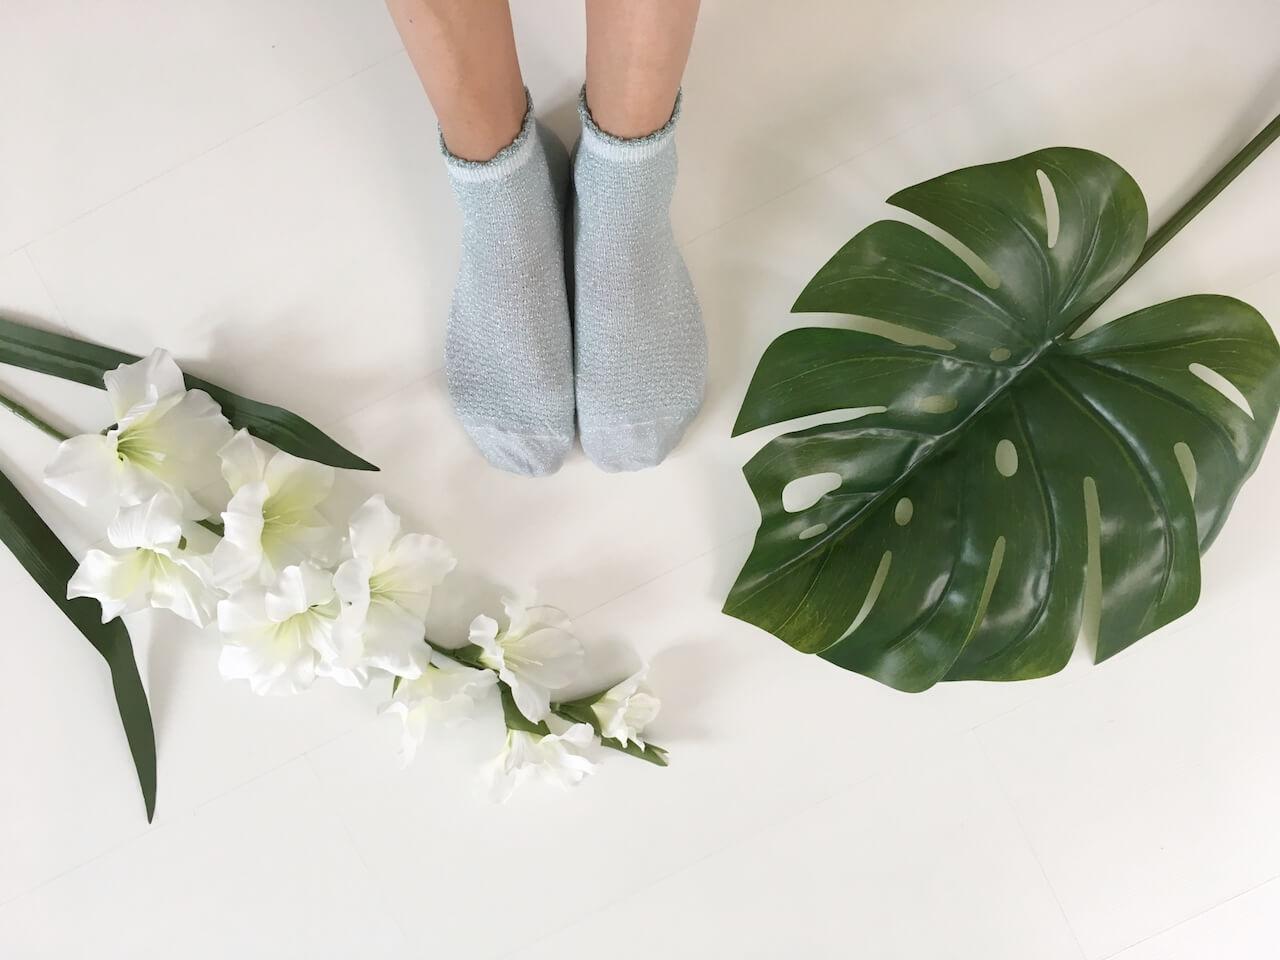 sokken 1 - 5x leuke sokken voor kinderen én volwassenen